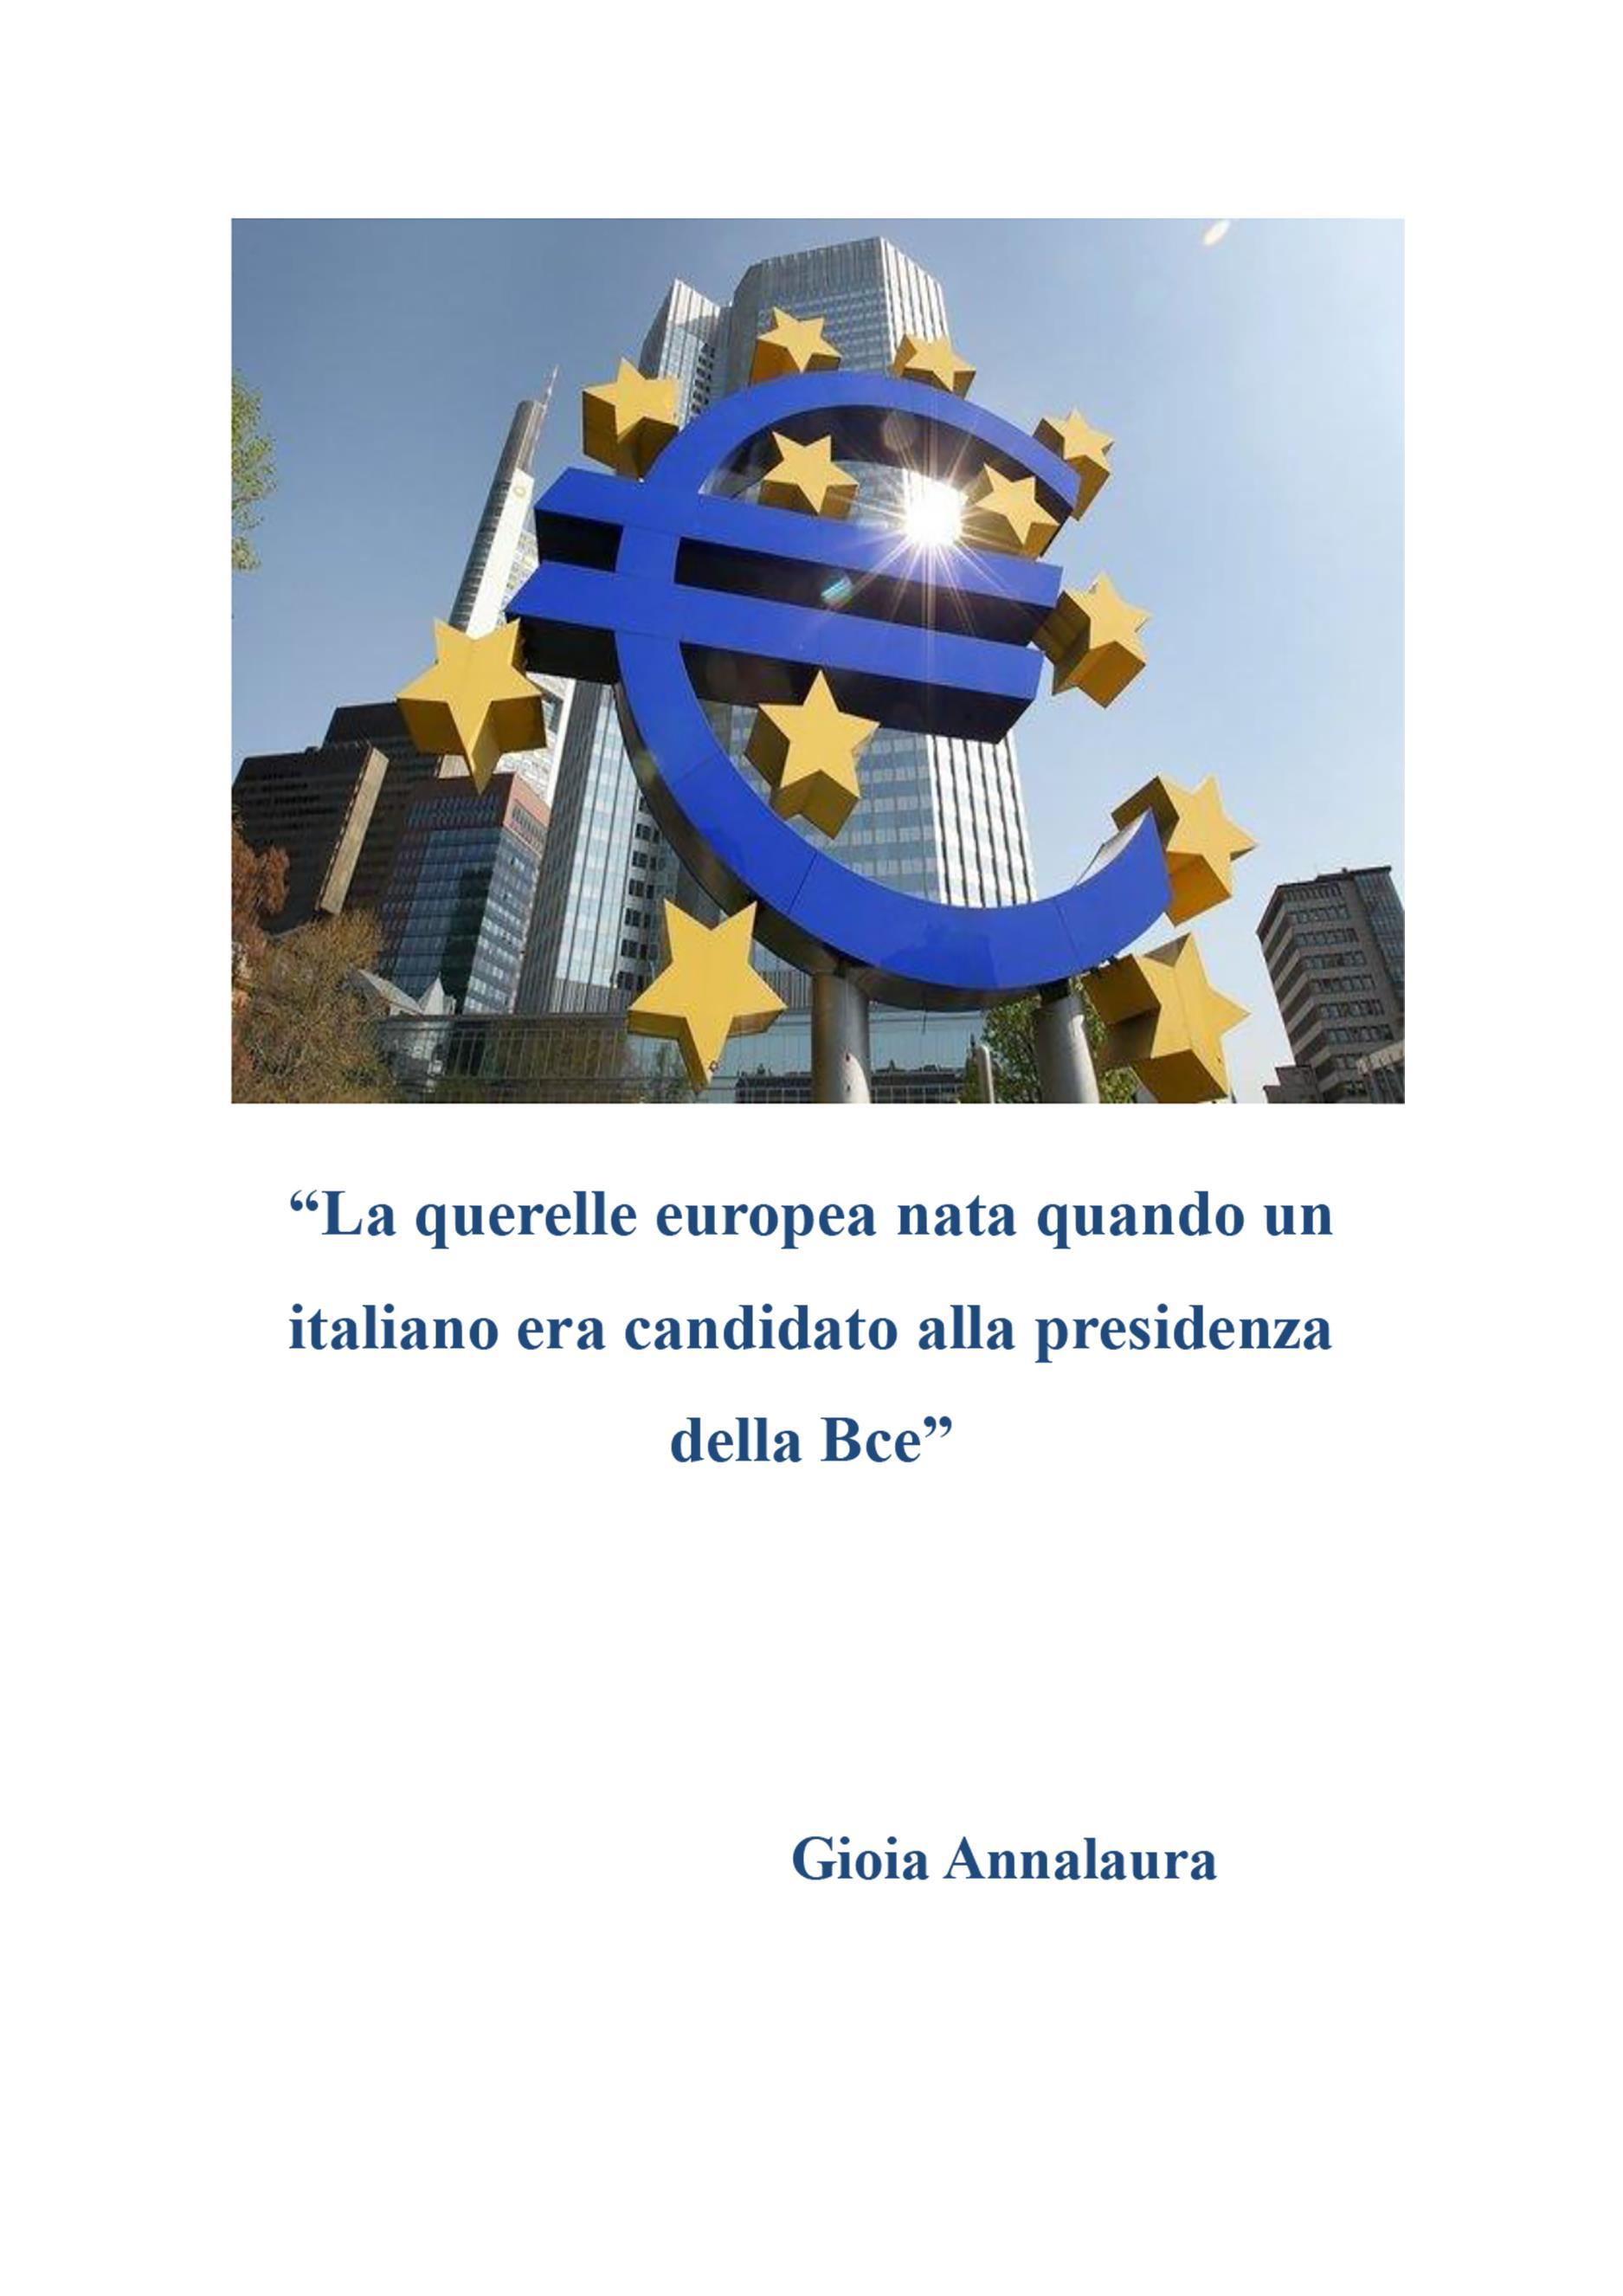 La querelle europea nata quando un italiano era candidato alla presidenza della Bce